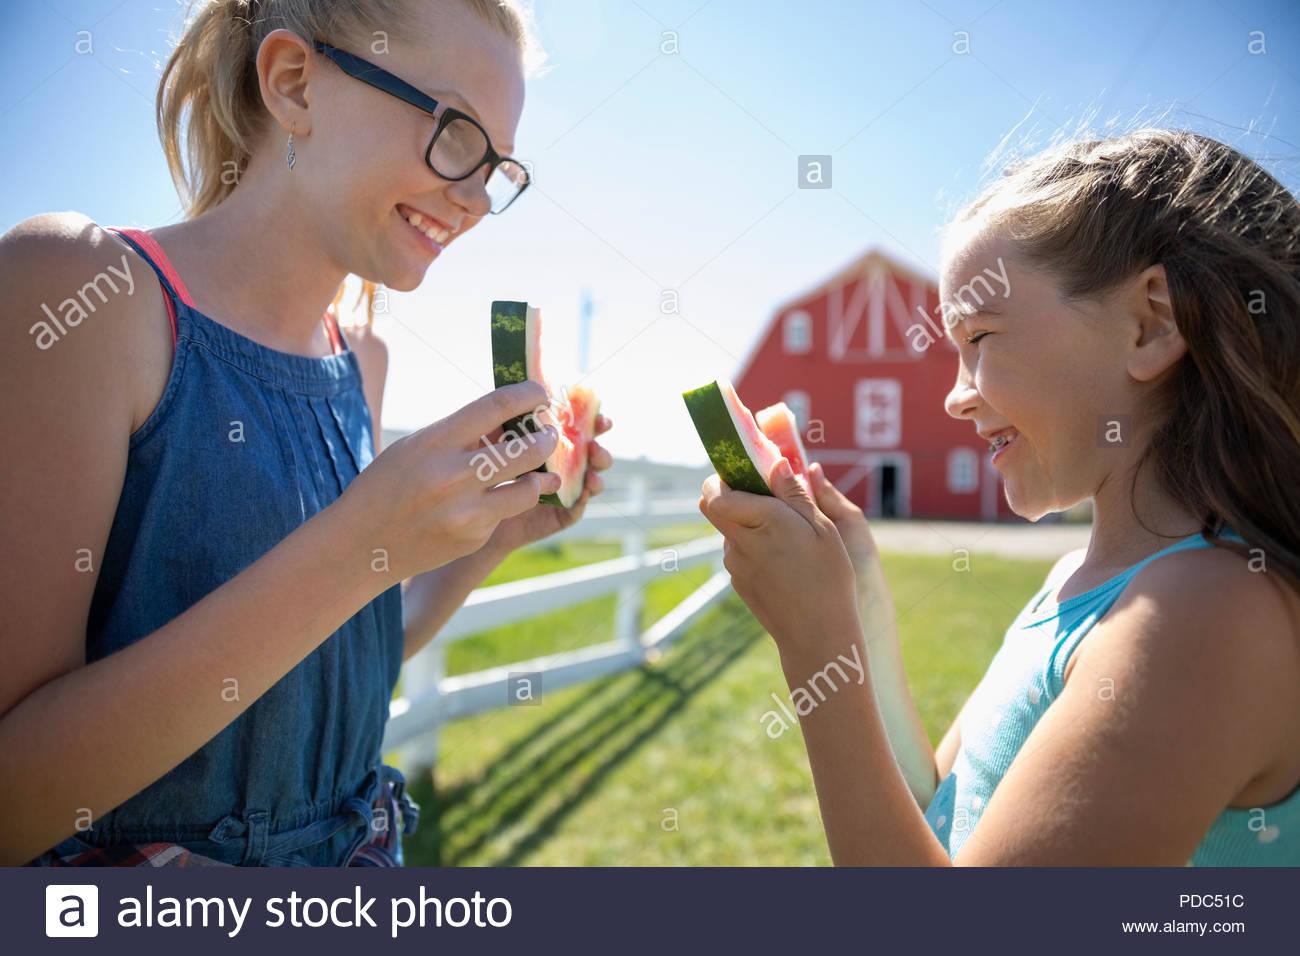 Glückliche Schwestern essen Wassermelone an sonnigen ländlichen Bauernhof Stockbild